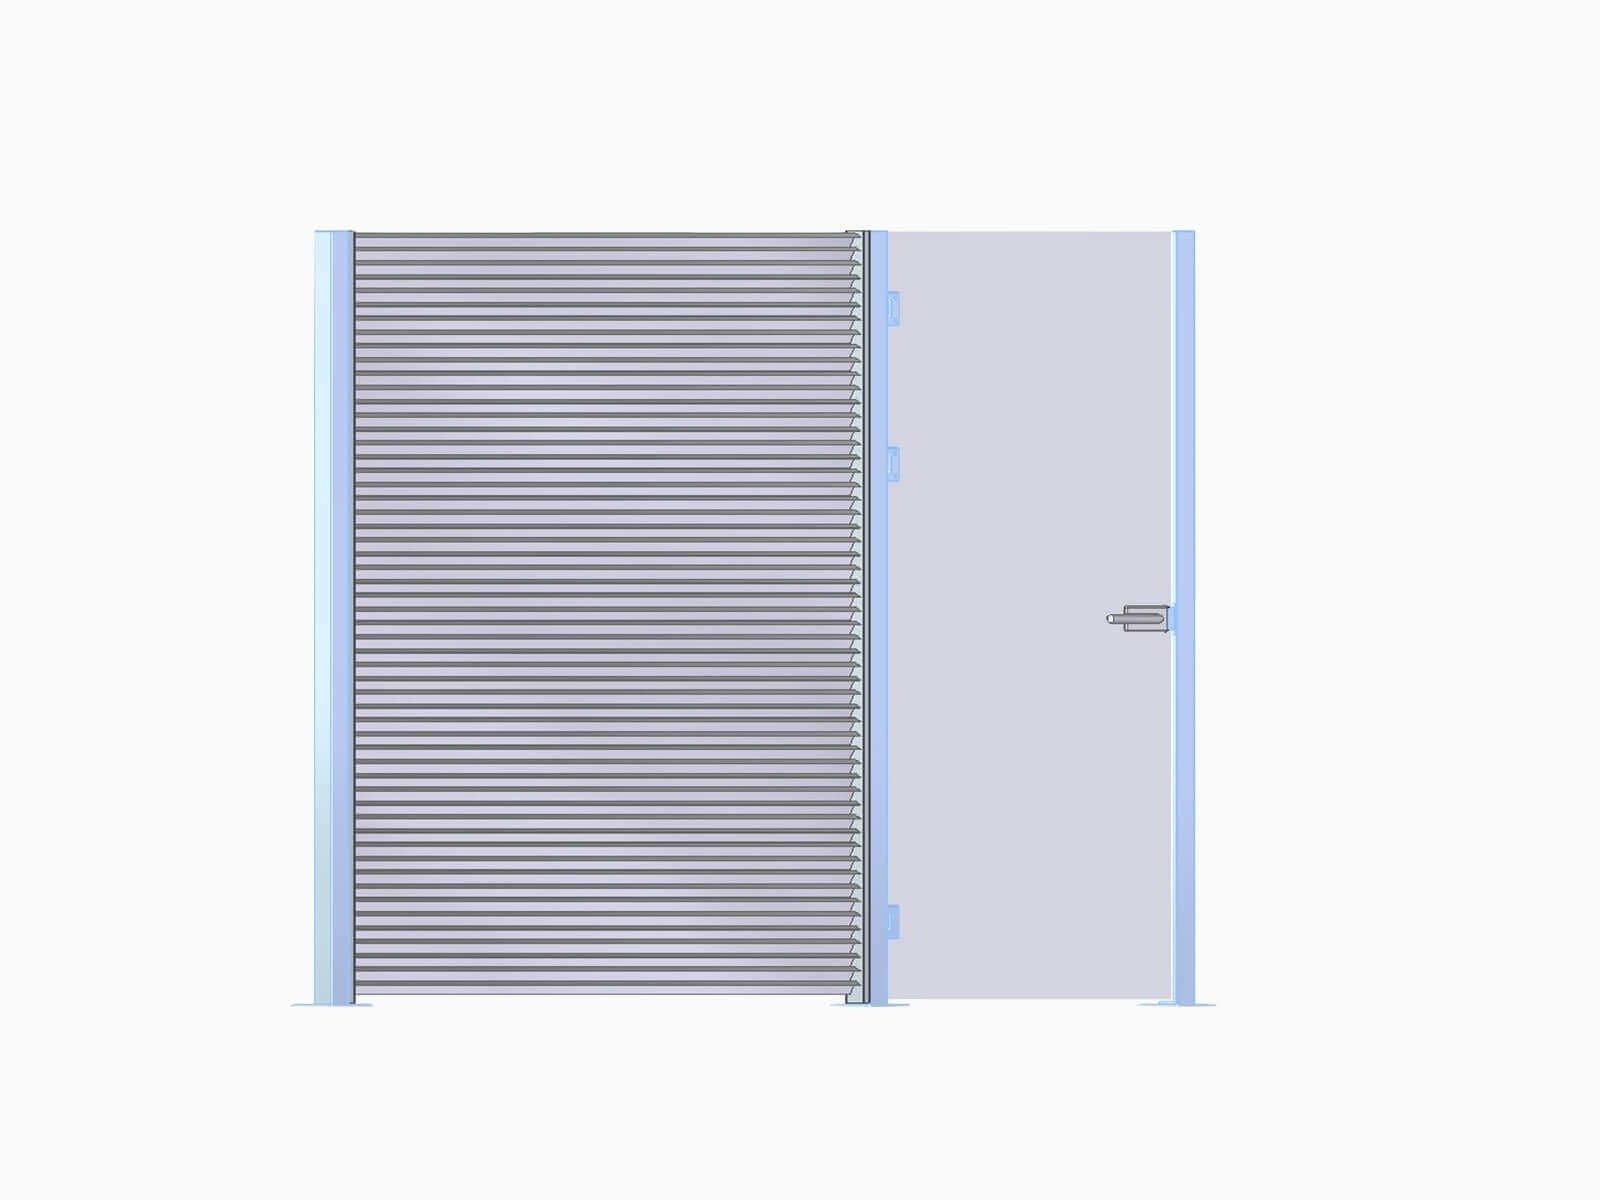 amellenzaun-porto-in-kombination-mit-glastuer-als-gartentuer-ideal-als-eingang-individuell-nach-mass